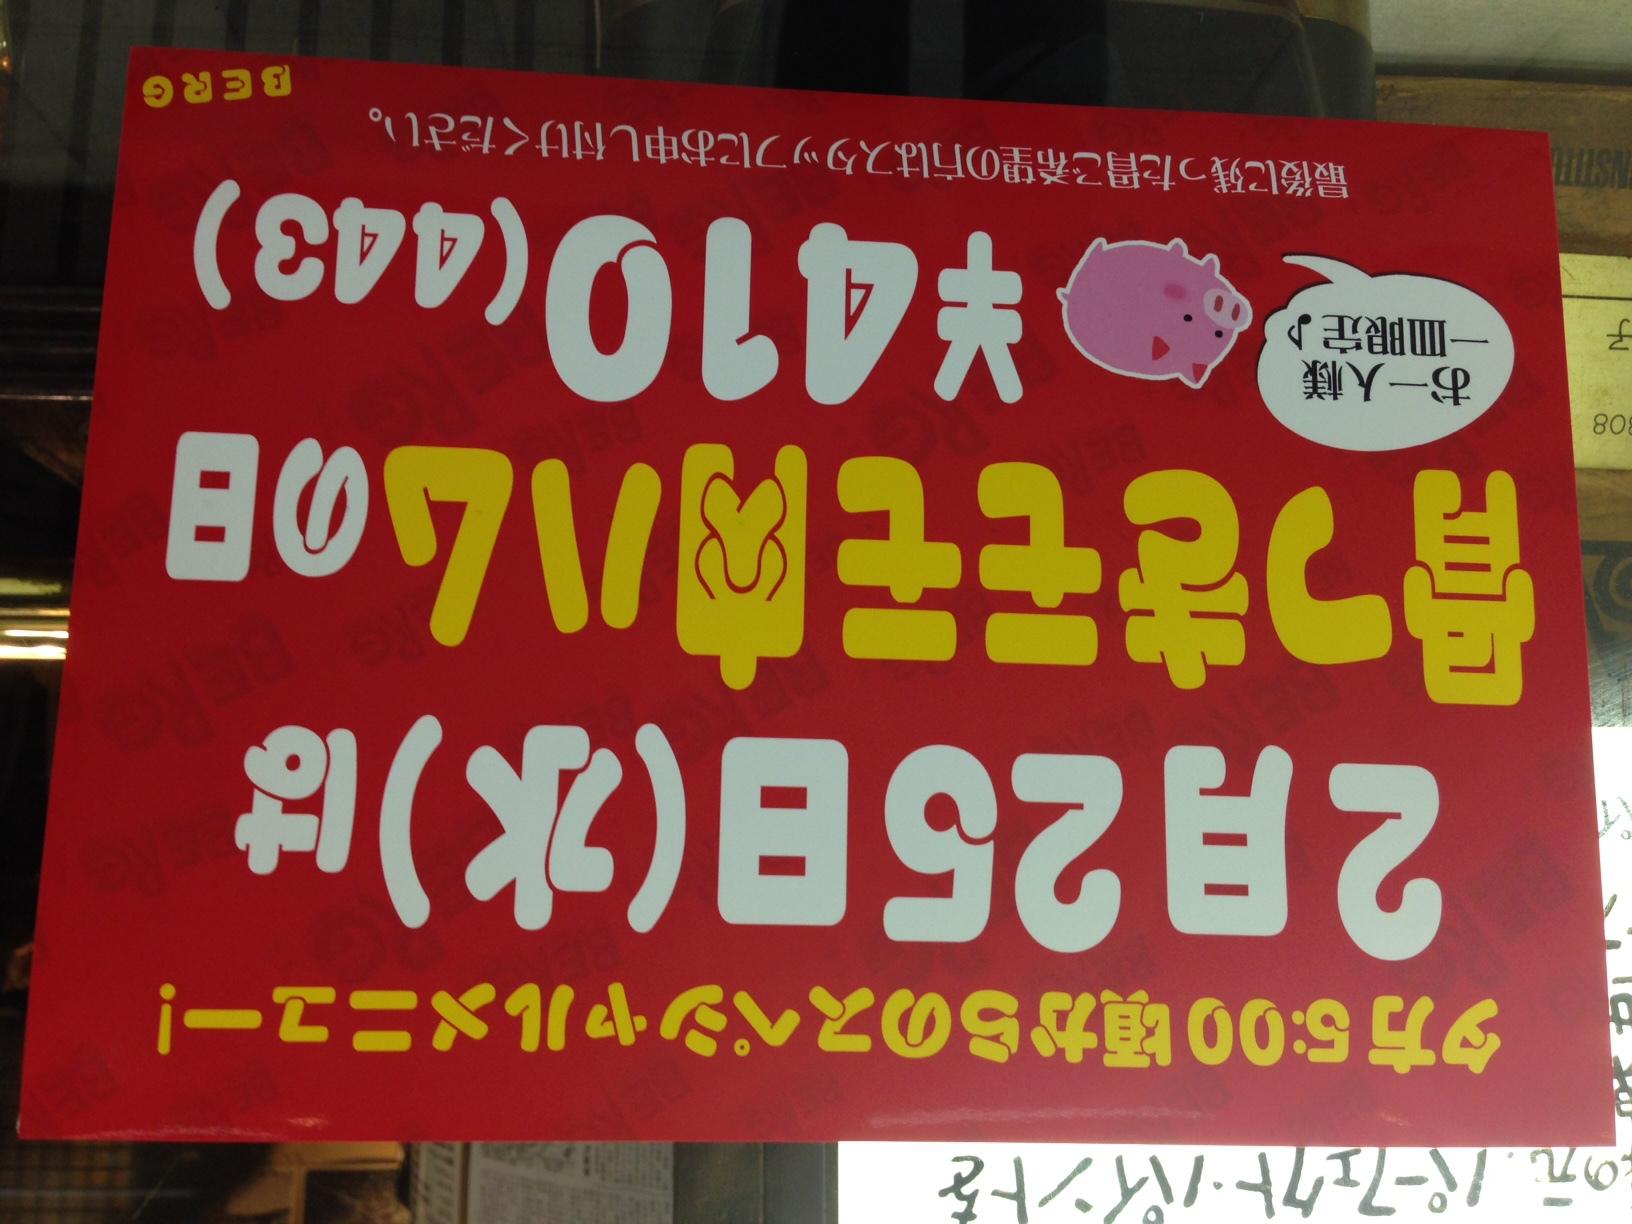 【ハムの日決定!】今月は25日(水)17時からです!^o^♪_c0069047_1441324.jpg